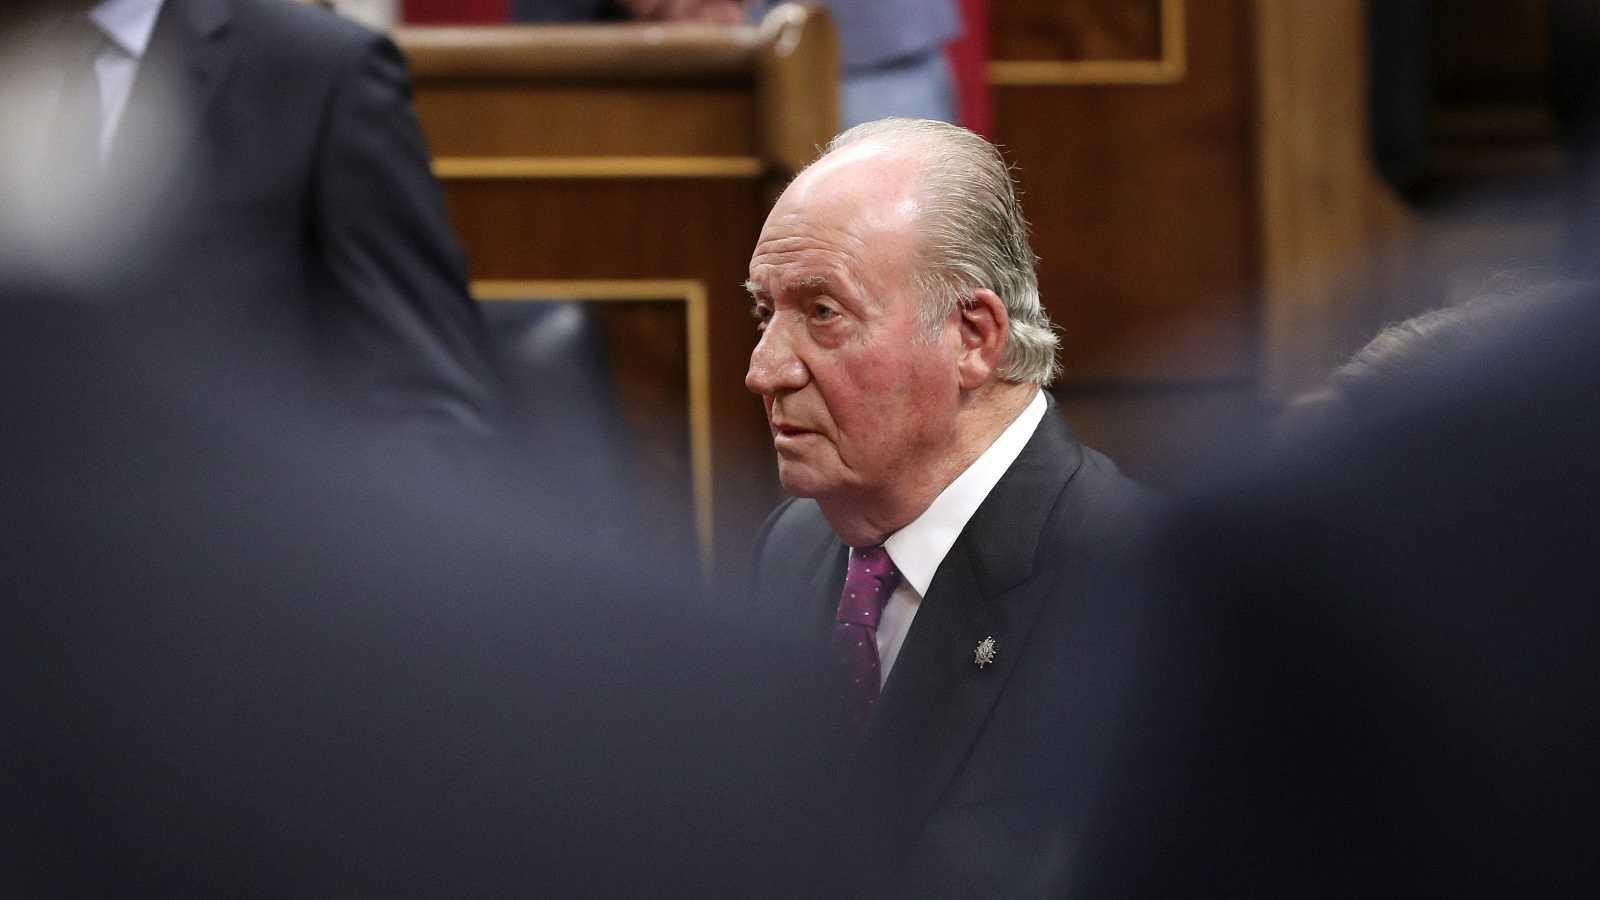 El empresario interrogado por la fiscalía admite regalos al rey emérito, pero niega transferencias a Juan Carlos I